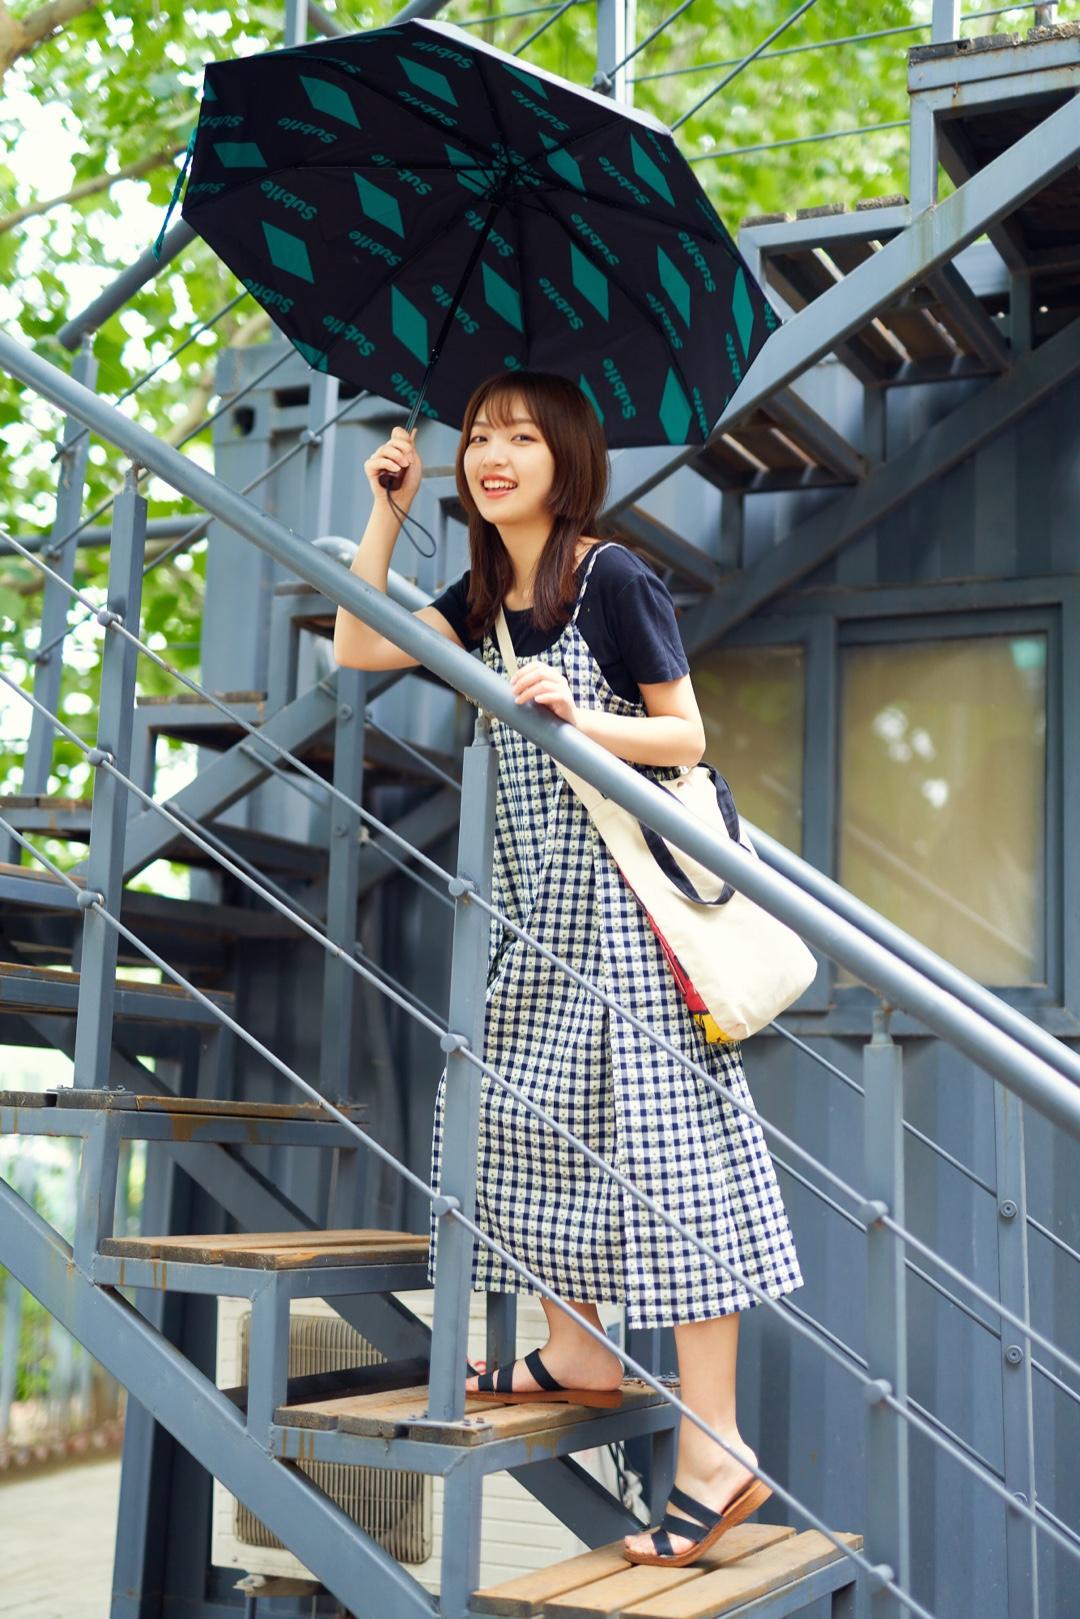 """#618必入,不用修腿的小裙子!#  非常日系小清新的一身 吊带裙内搭T恤无敌少女 宽大的版型超级遮肉肉 不过有时候也会显得有点""""孕"""" 这把伞我很喜欢 很运动很酷质量很好"""